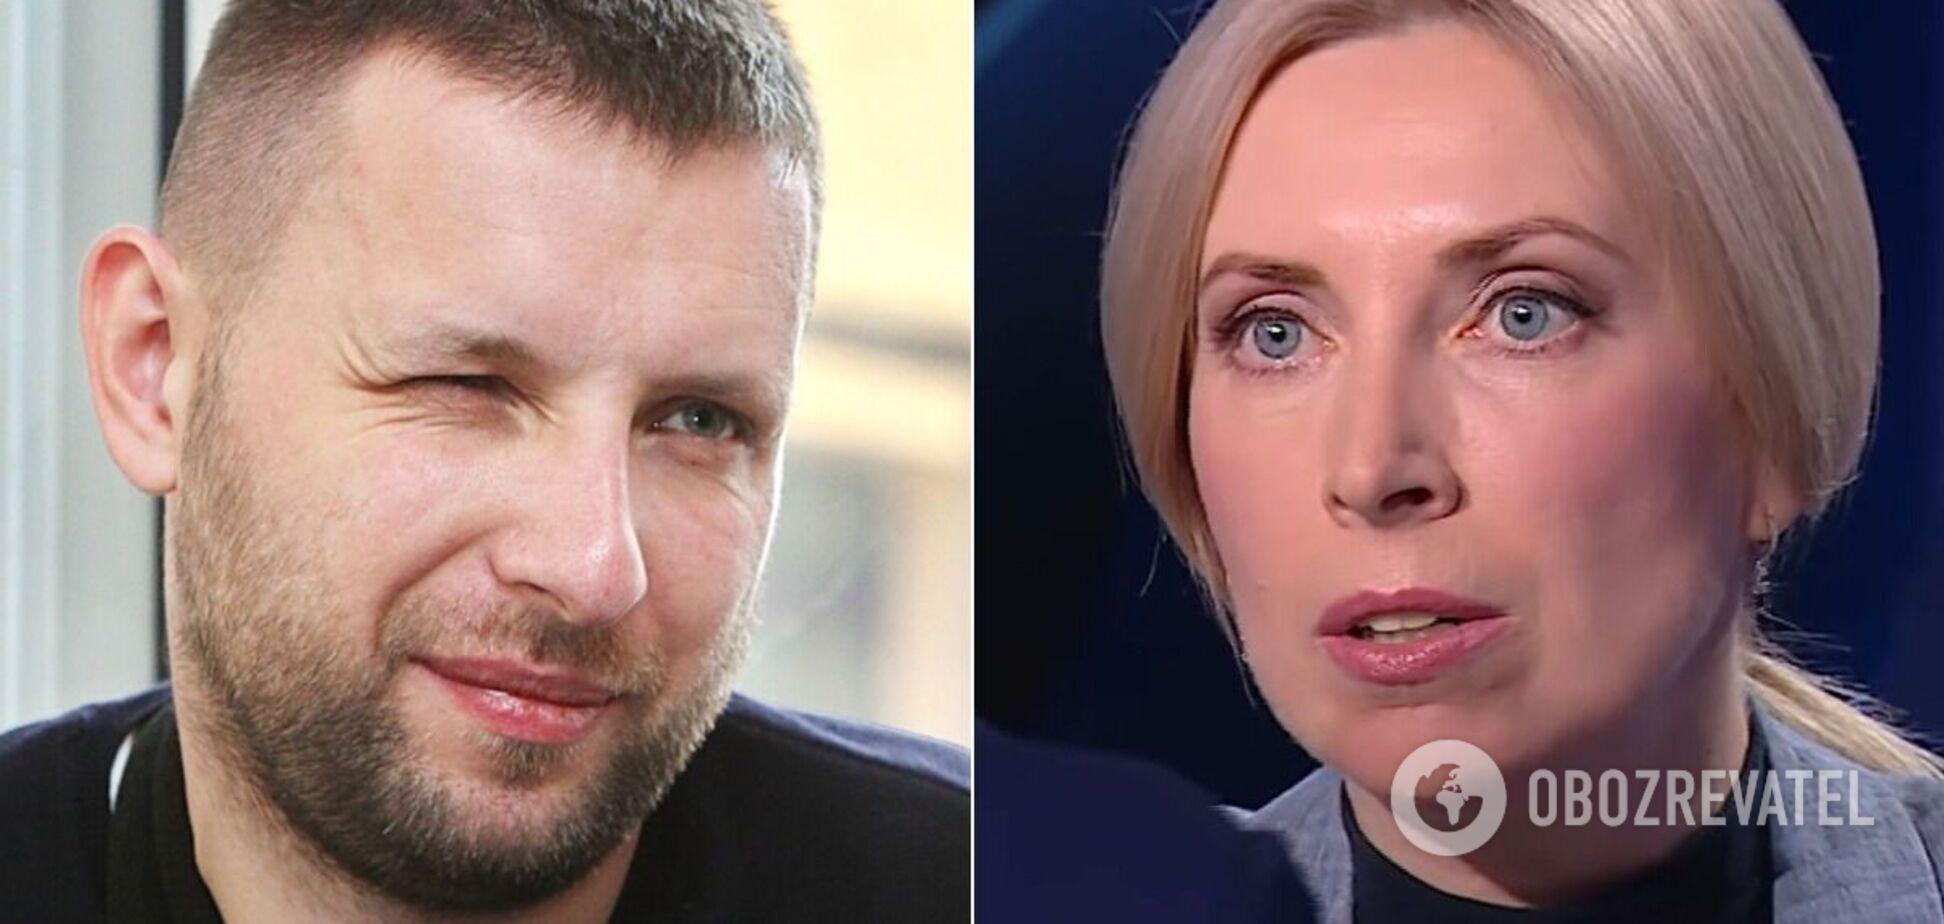 Парасюк заявив, що Верещук 'прос*е Київ' в разі перемоги на виборах